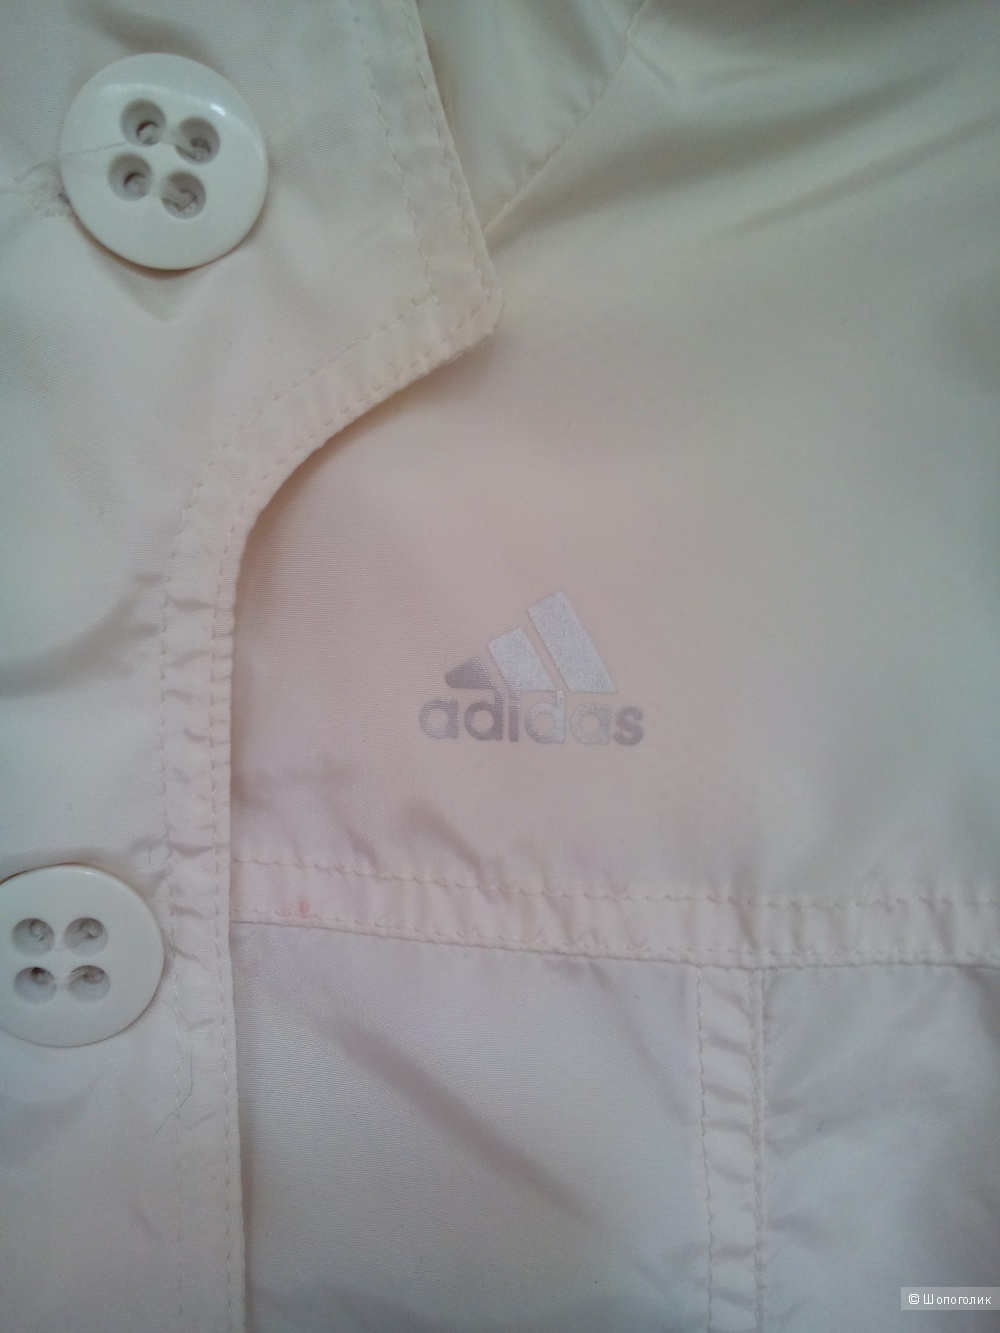 Куртка-парка (пыльник) удлиненная ADIDAS в размере 36 EU